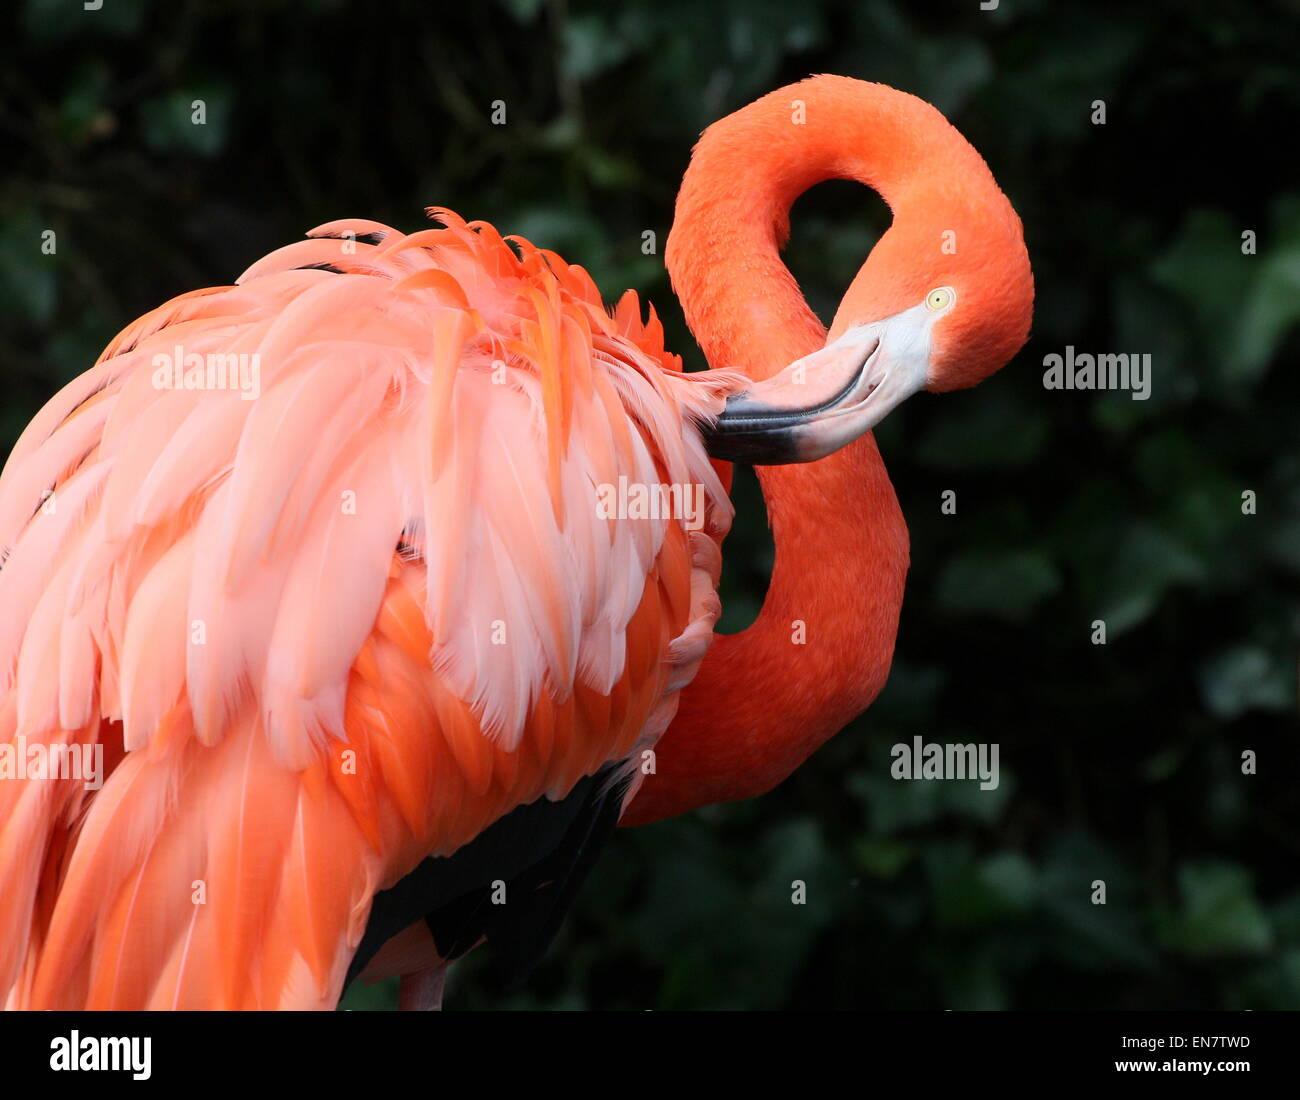 Au lissage ou des Caraïbes flamingo (Phoenicopterus ruber), gros plan de la tête et du corps Banque D'Images